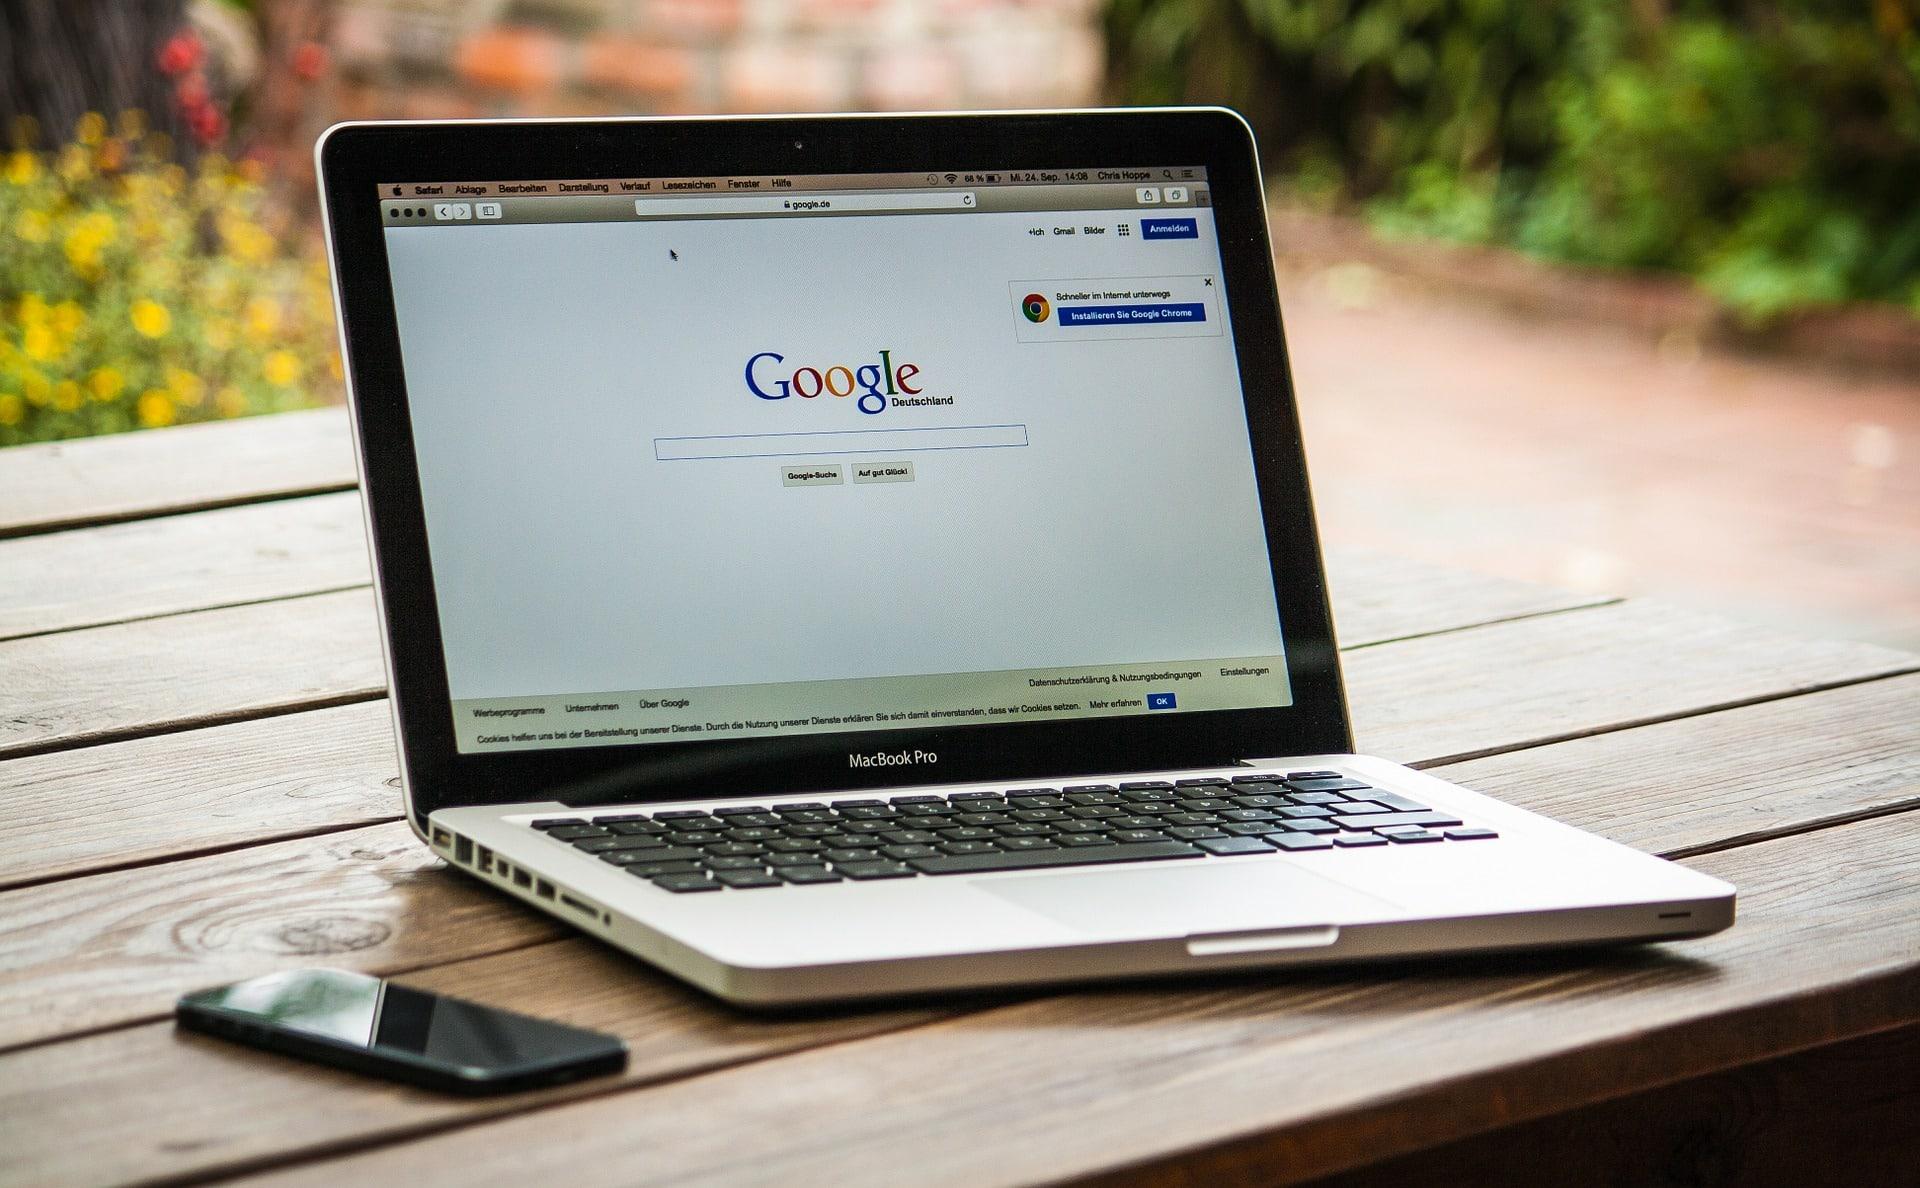 ניהול מוניטין באינטרנט עם רונן הלל - מומחה לתקשורת, מרצה ויועץ עם ניסיון של למעלה מ-2 עשורים